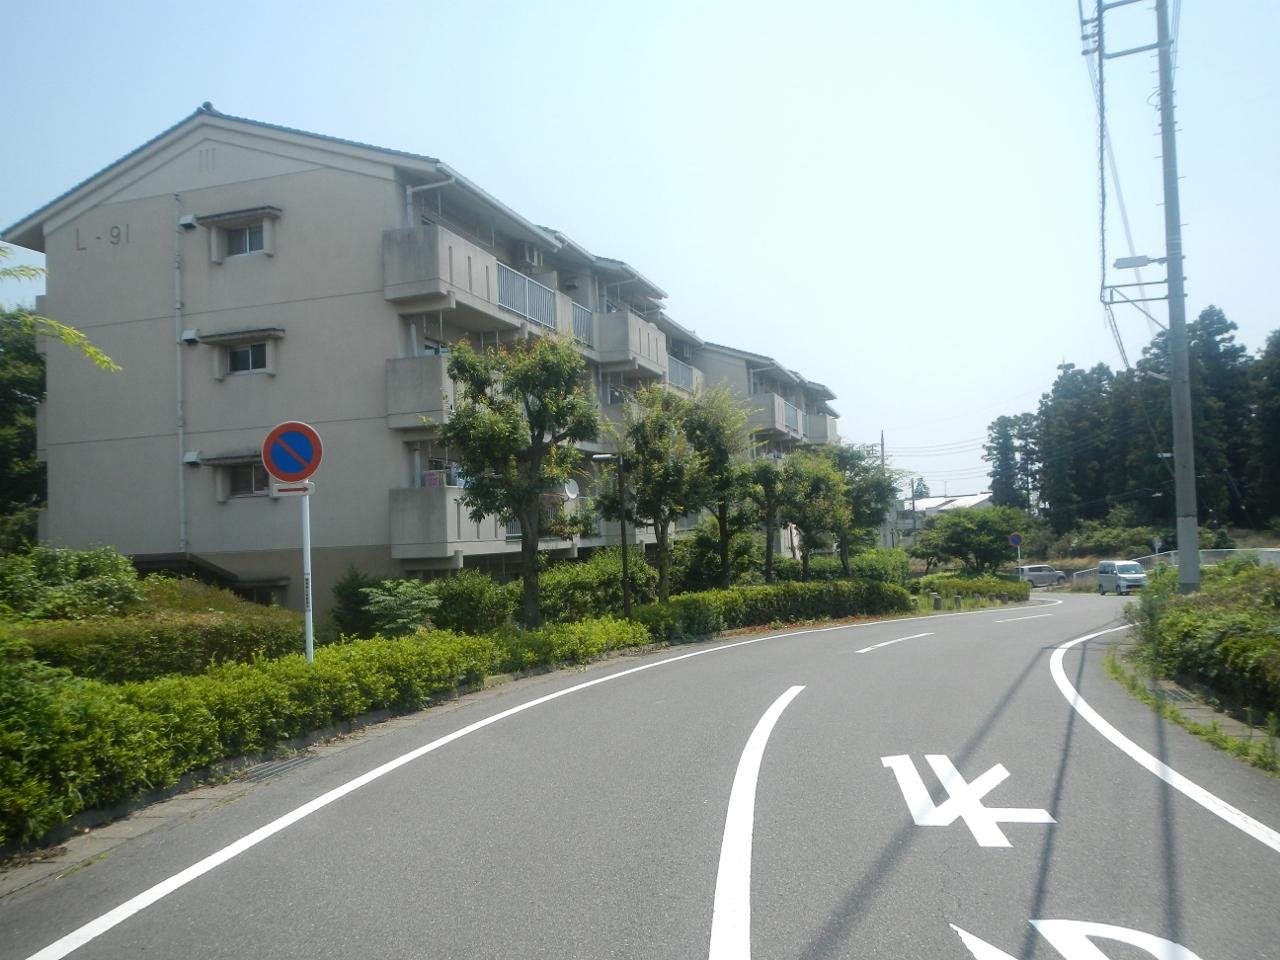 DSCN1146 (1280x960)